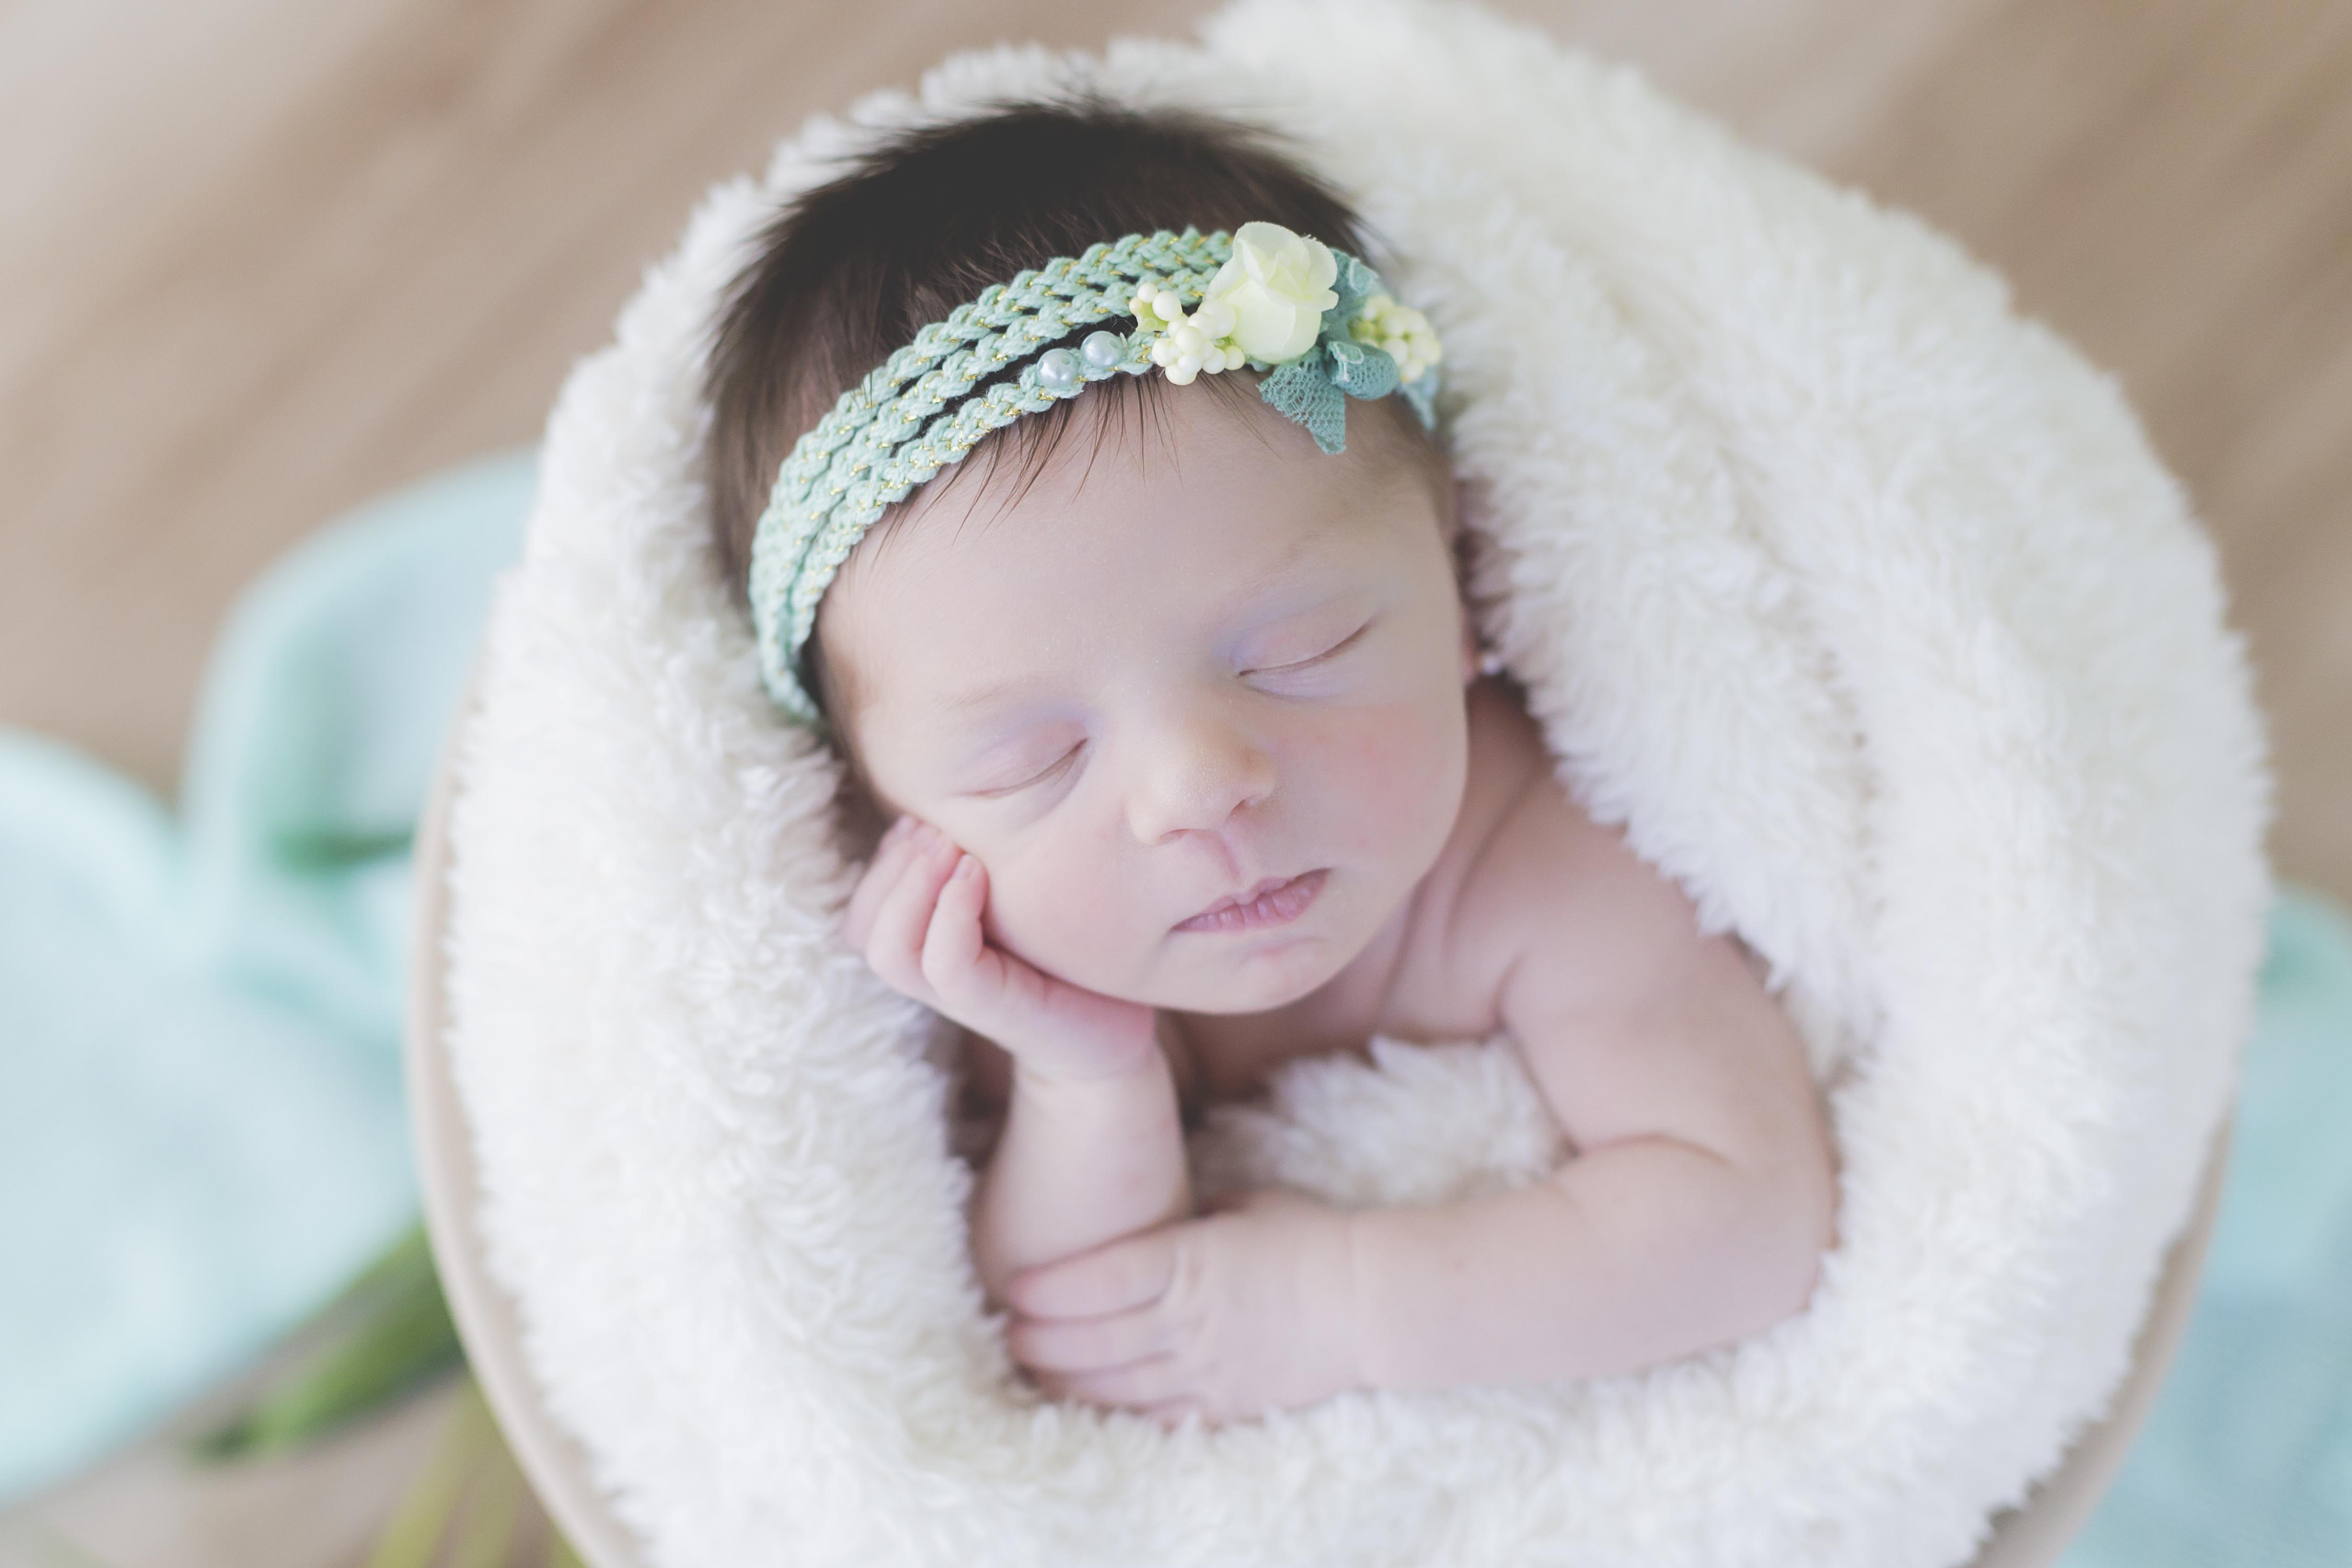 Contate Casa da Árvore Fotografia - Fotografia de bebês, crianças, gestantes e famílias.